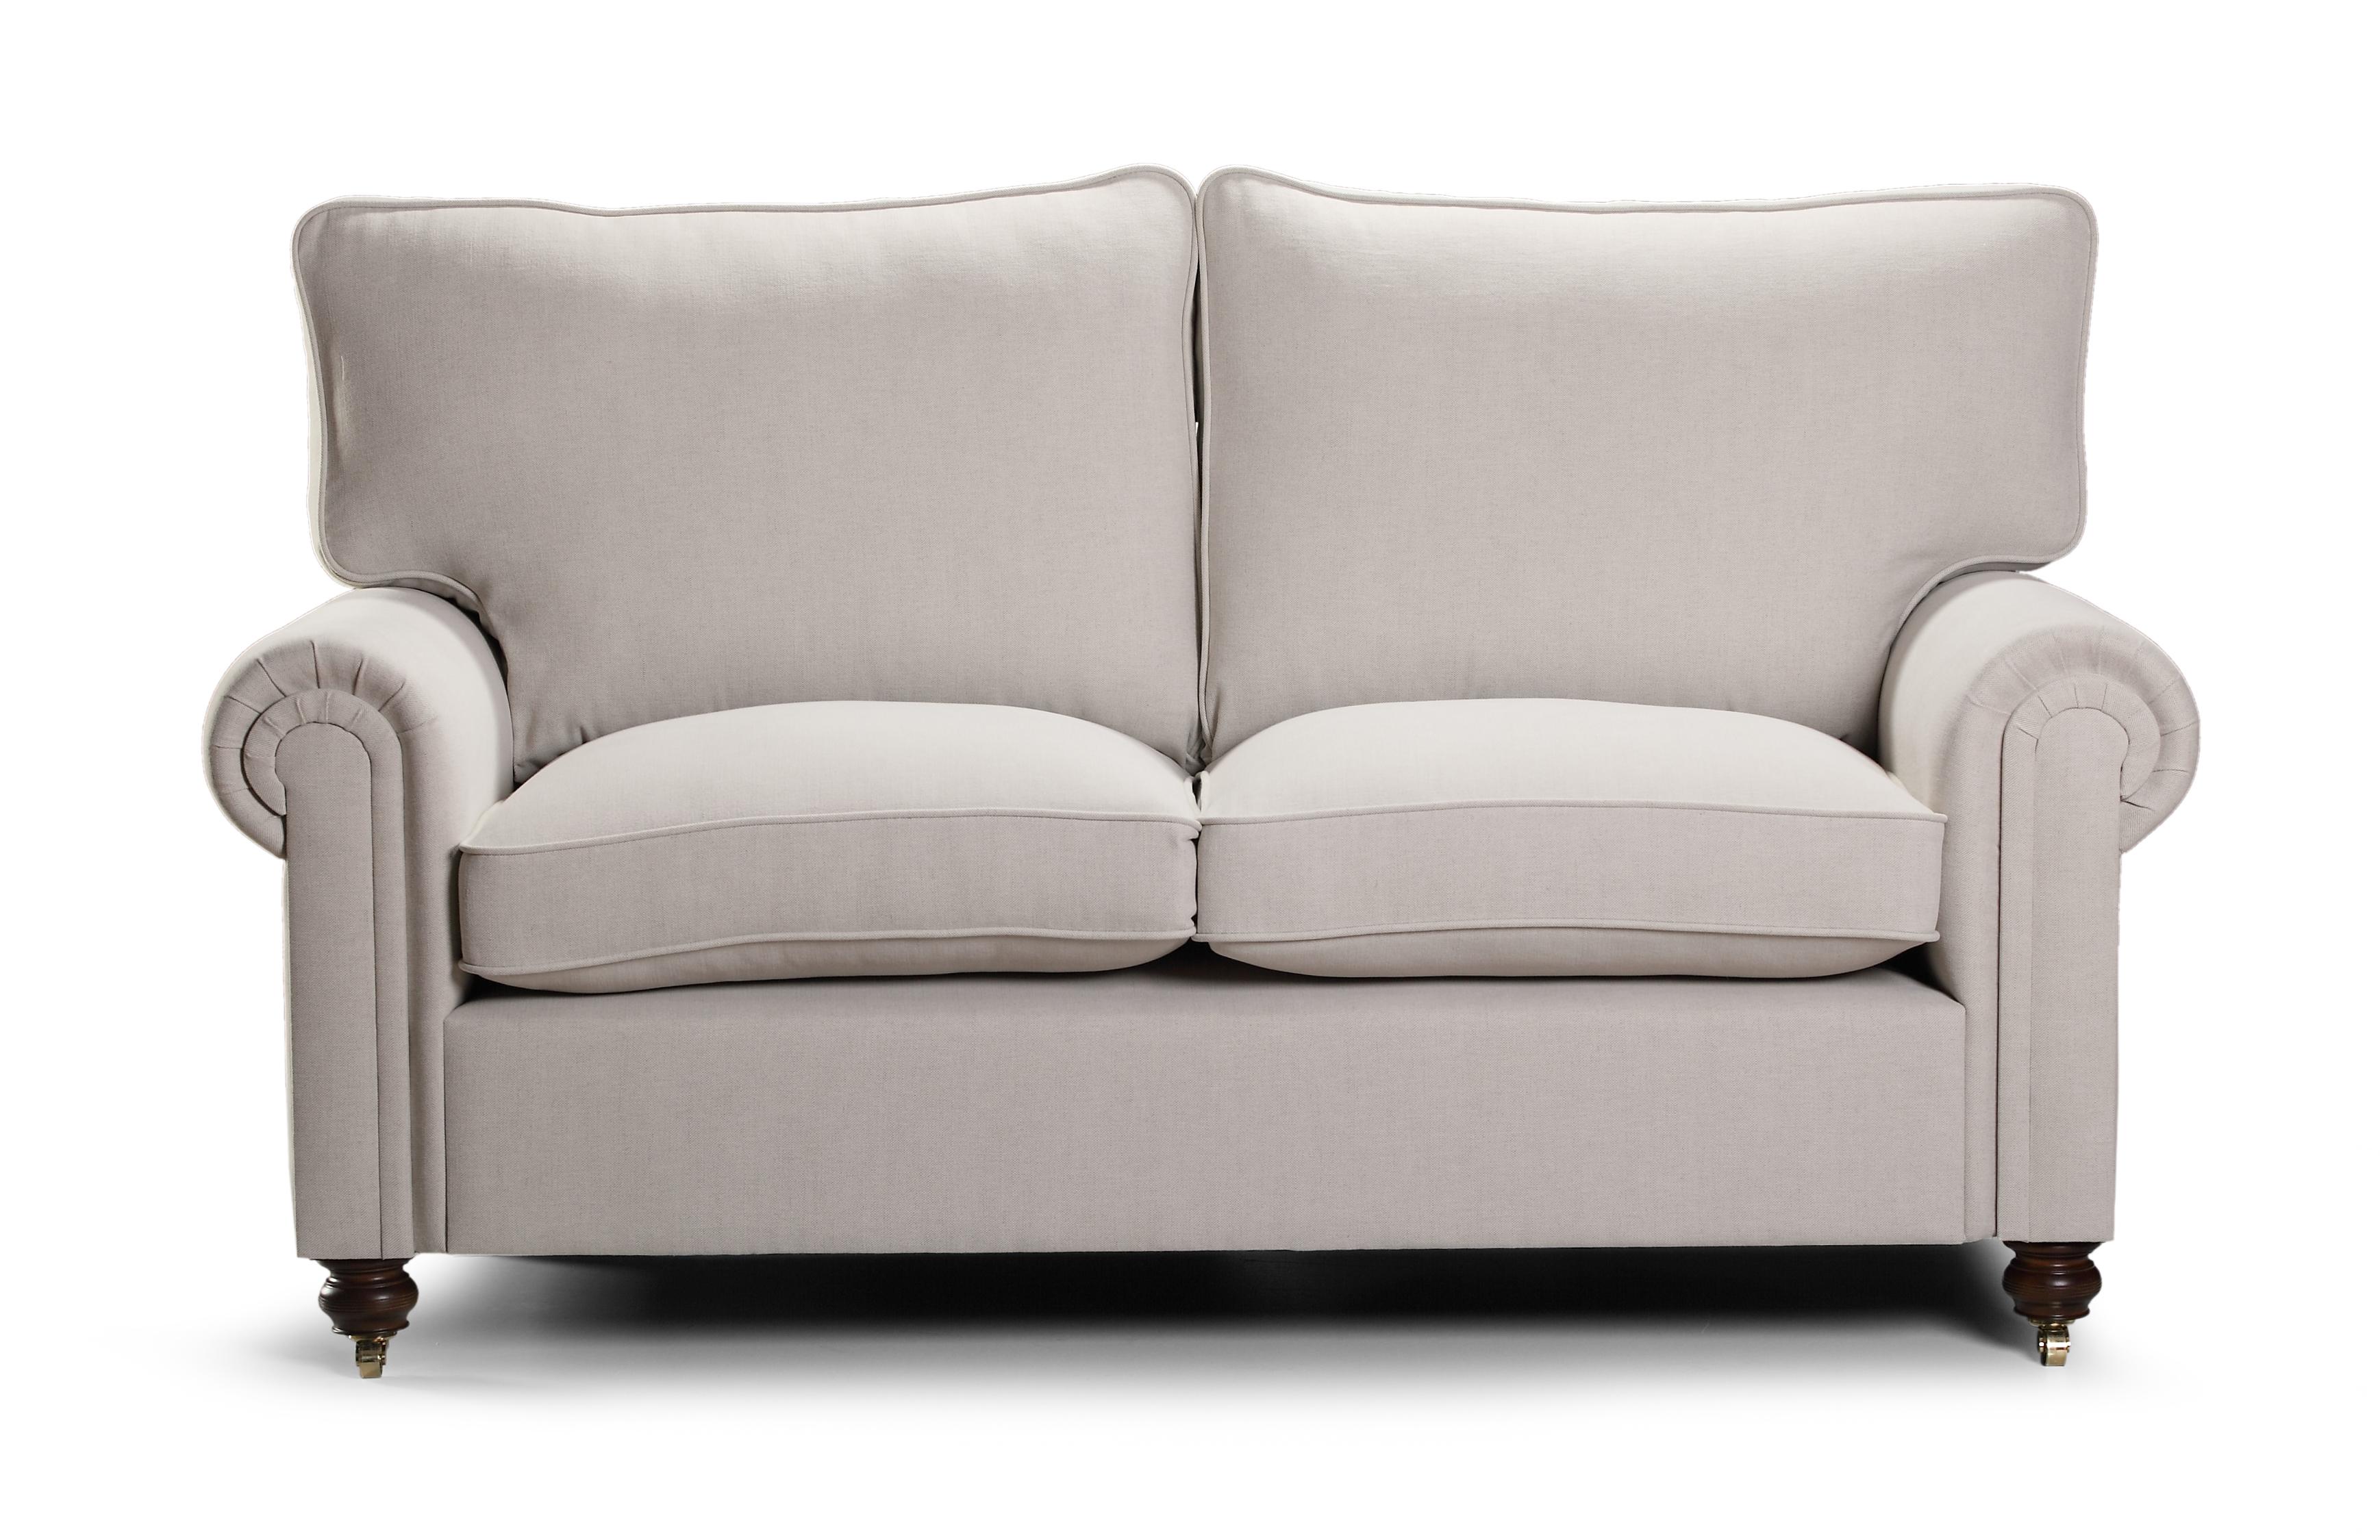 Canapea fixa 2 locuri tapitata cu stofa Laxley